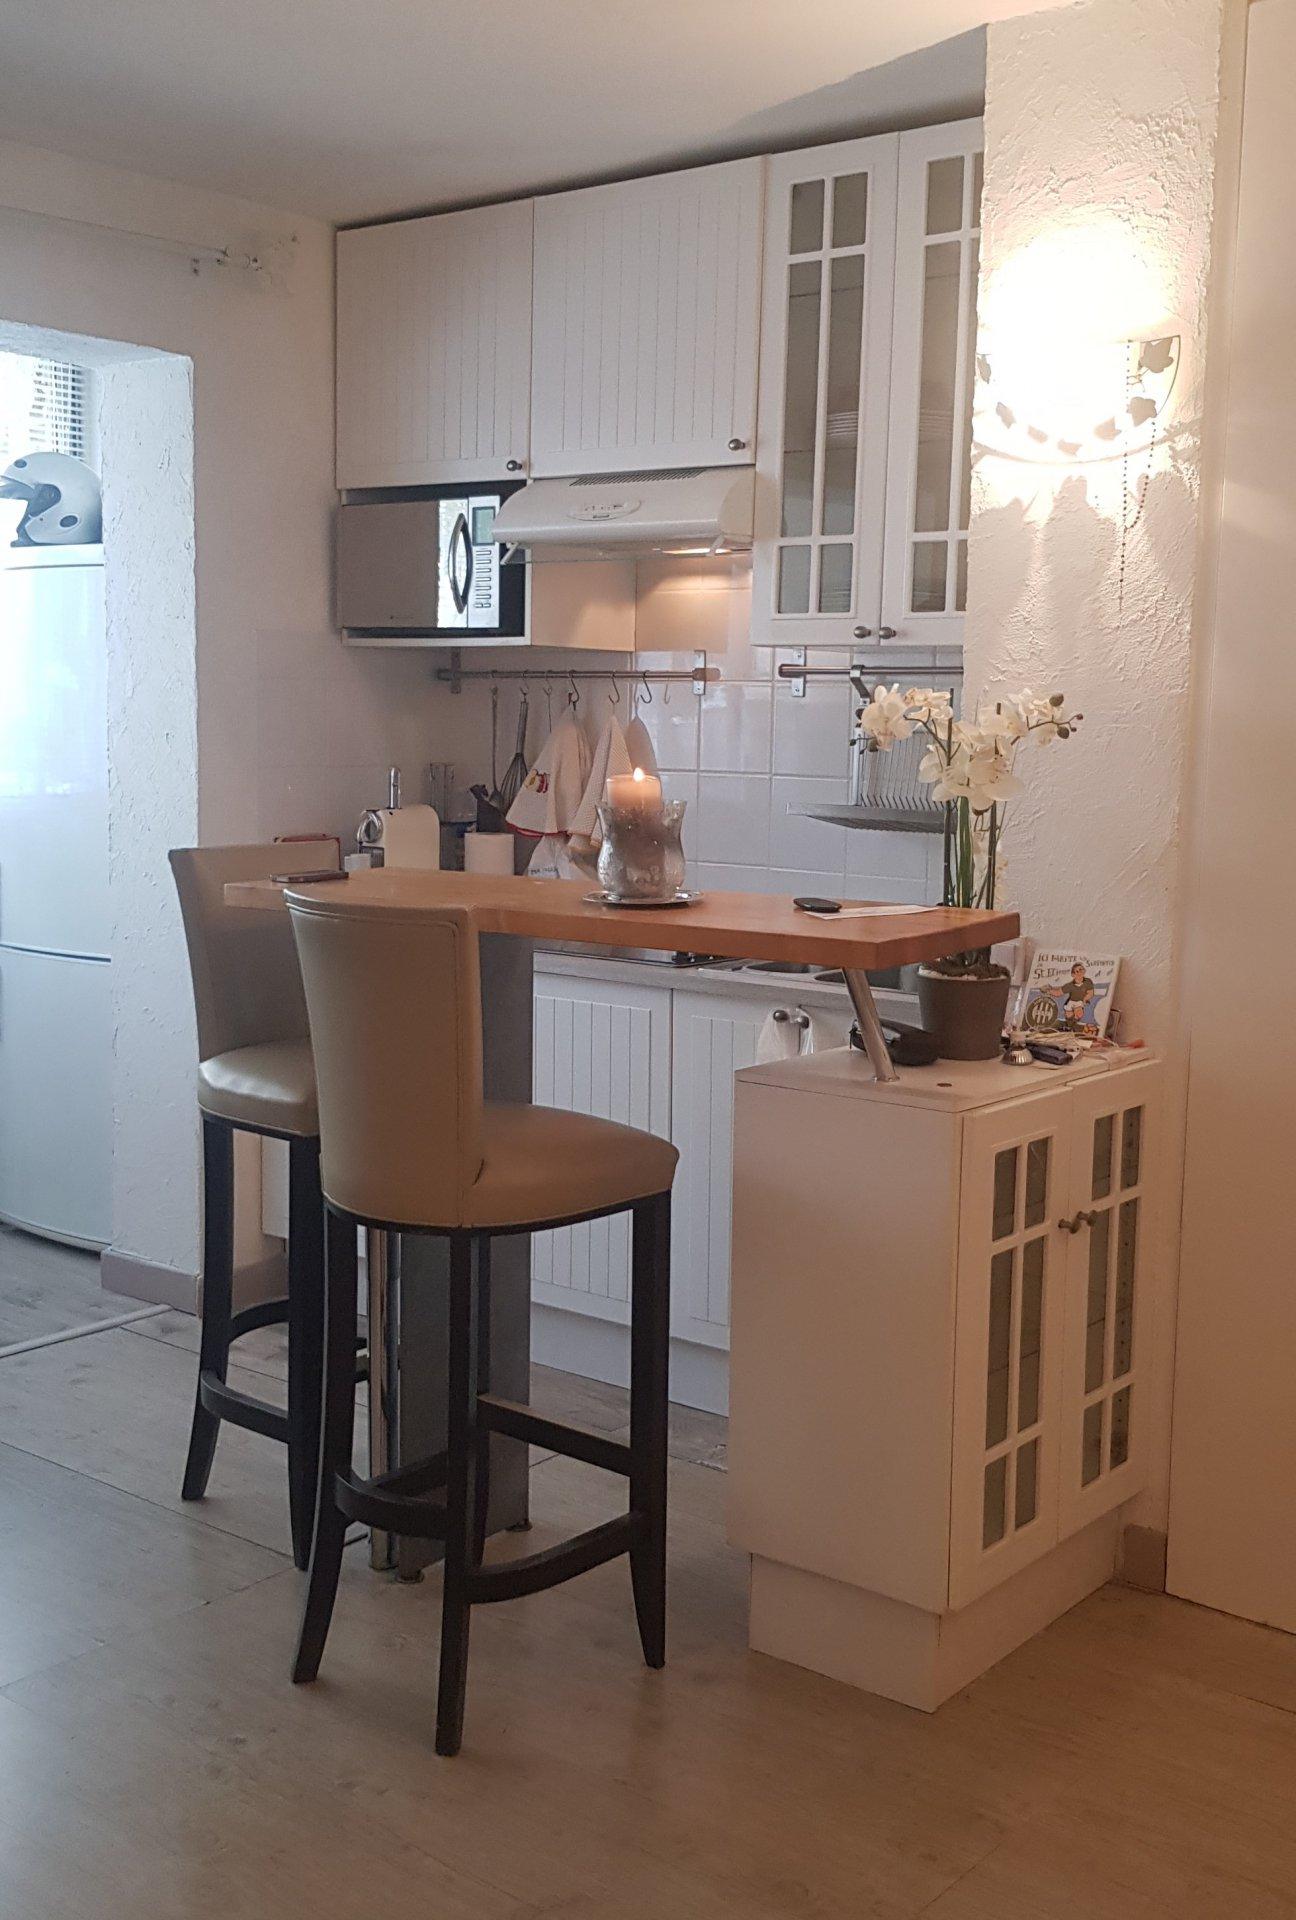 Studio, begane grond, mooie renovatie in een luxe residence.